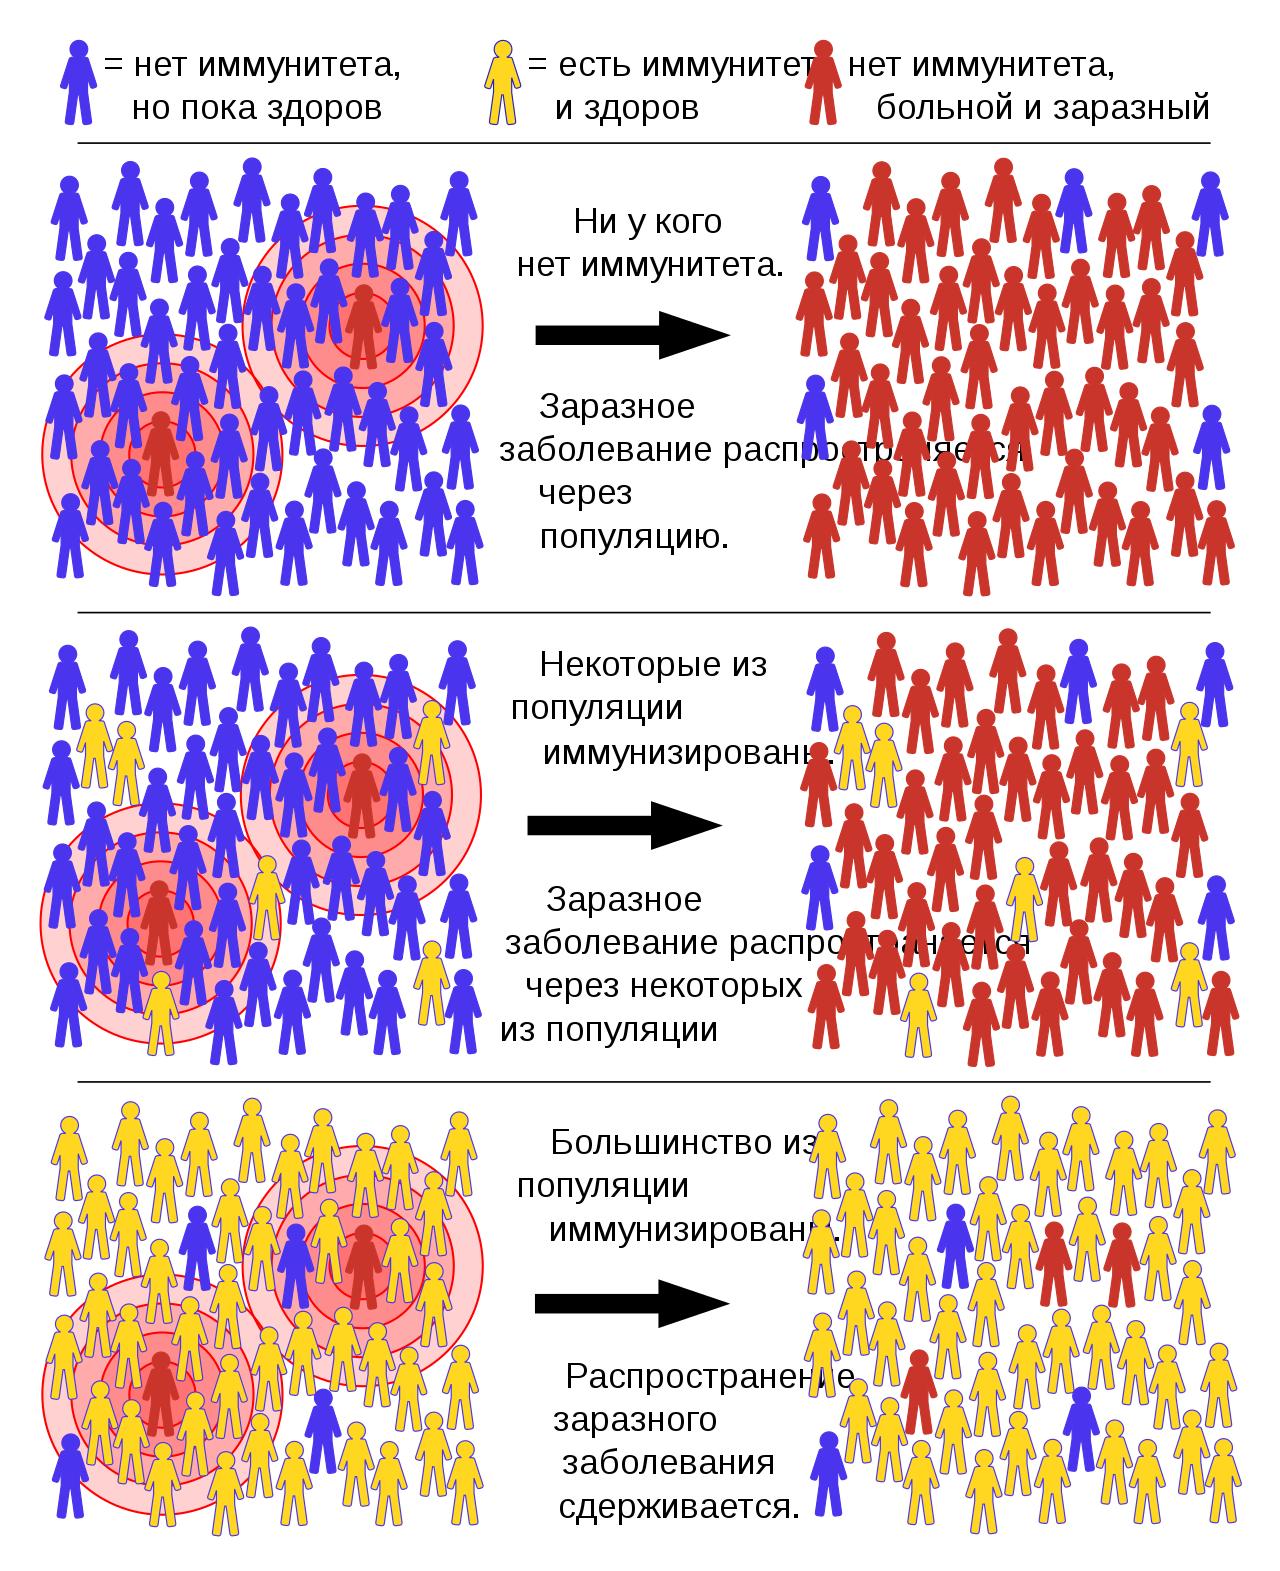 Коллективный иммунитет